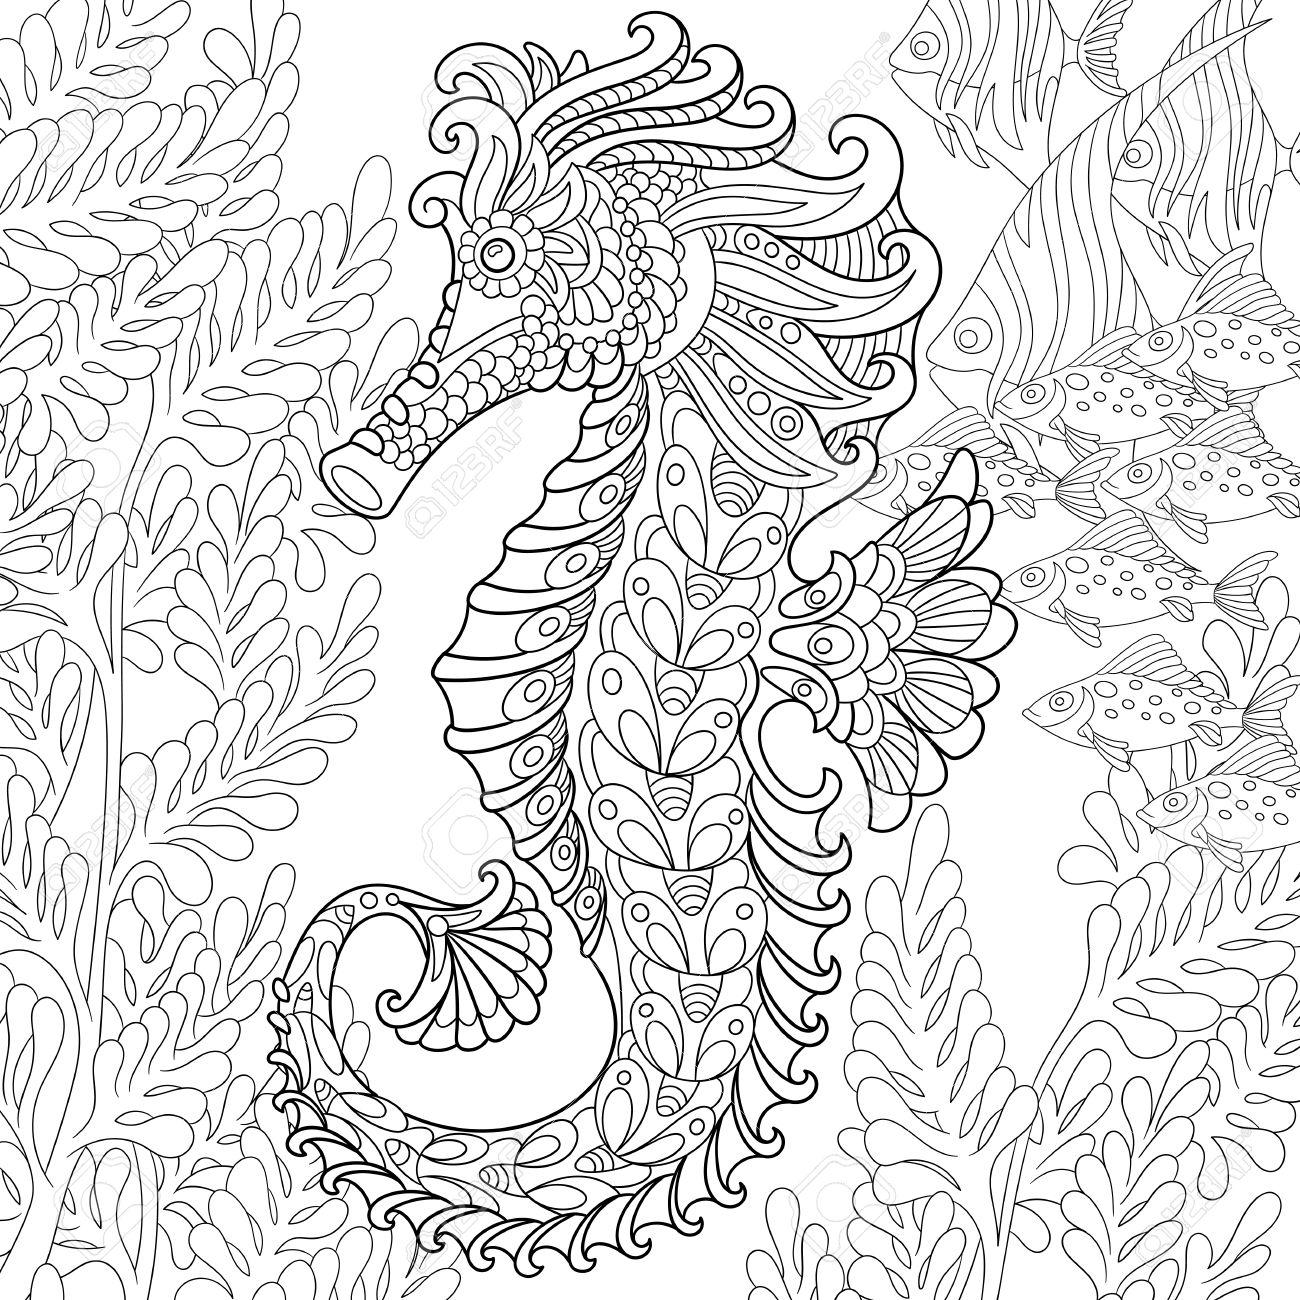 Cartoon Seahorse And Tropical Fish Among Seaweed. Hand Drawn ...